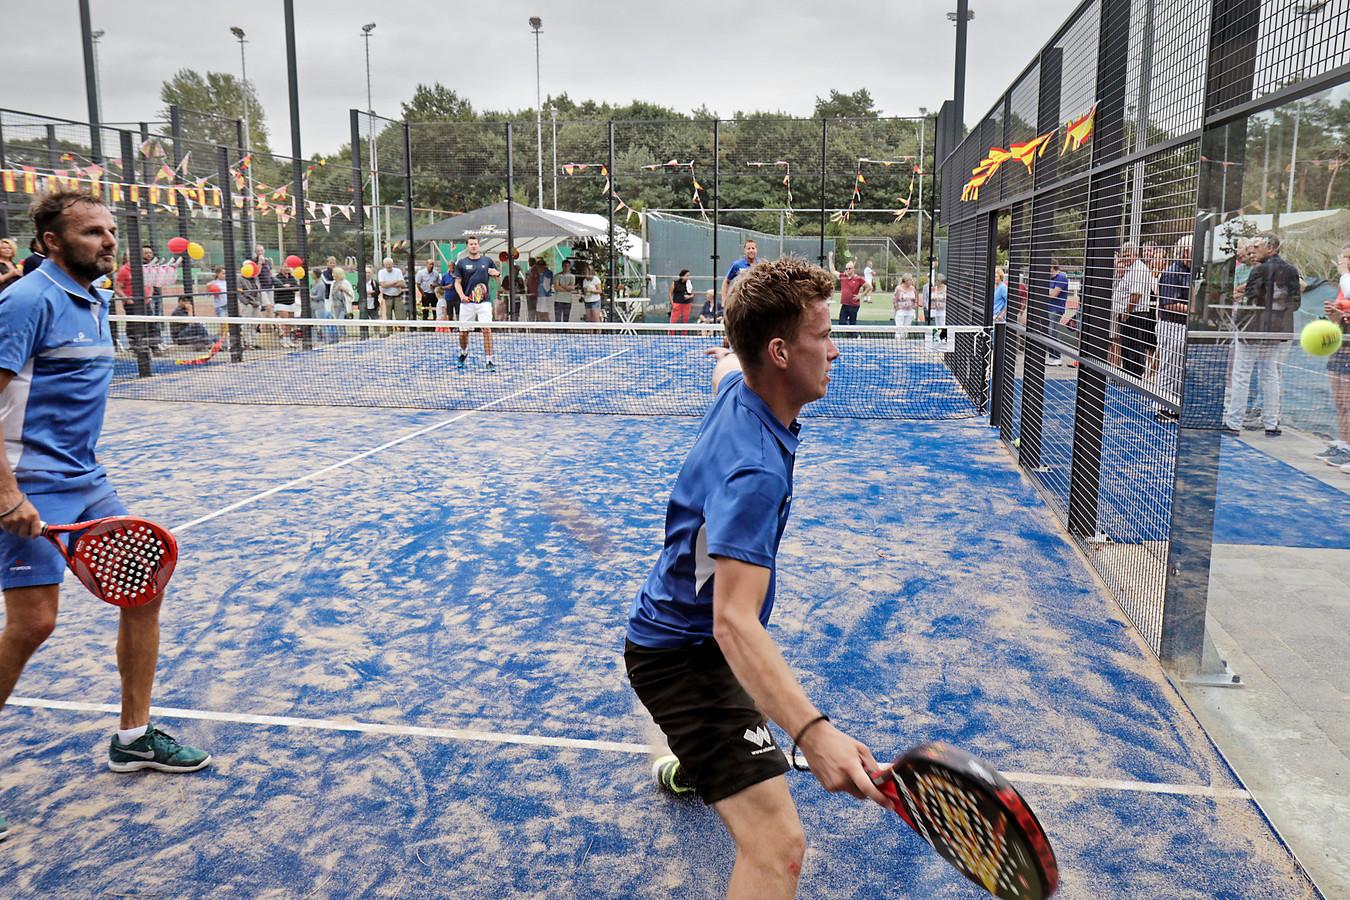 Bij padel spelen twee teams op een baan van 20 bij 10 meter die omgeven is door een glazen wand.